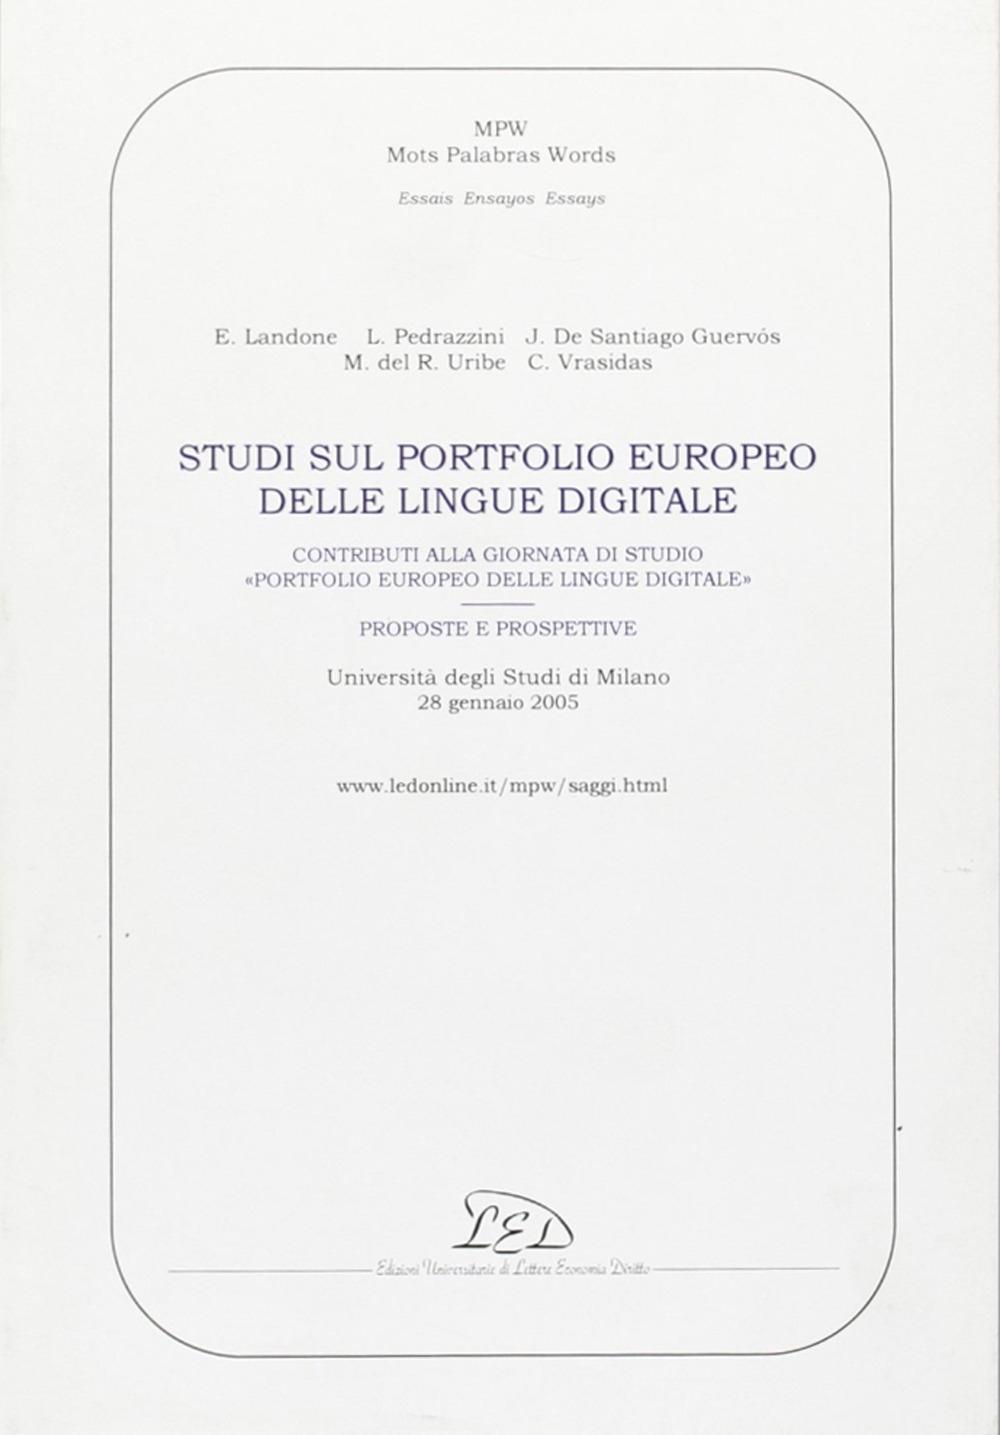 Studi sul portfolio europeo delle lingue digitale. Contributi alla giornata di studio Portfolio europeo delle lingue digitale. Proposte e prospettive. Università degli studi di Milano, 28 gennaio 2005